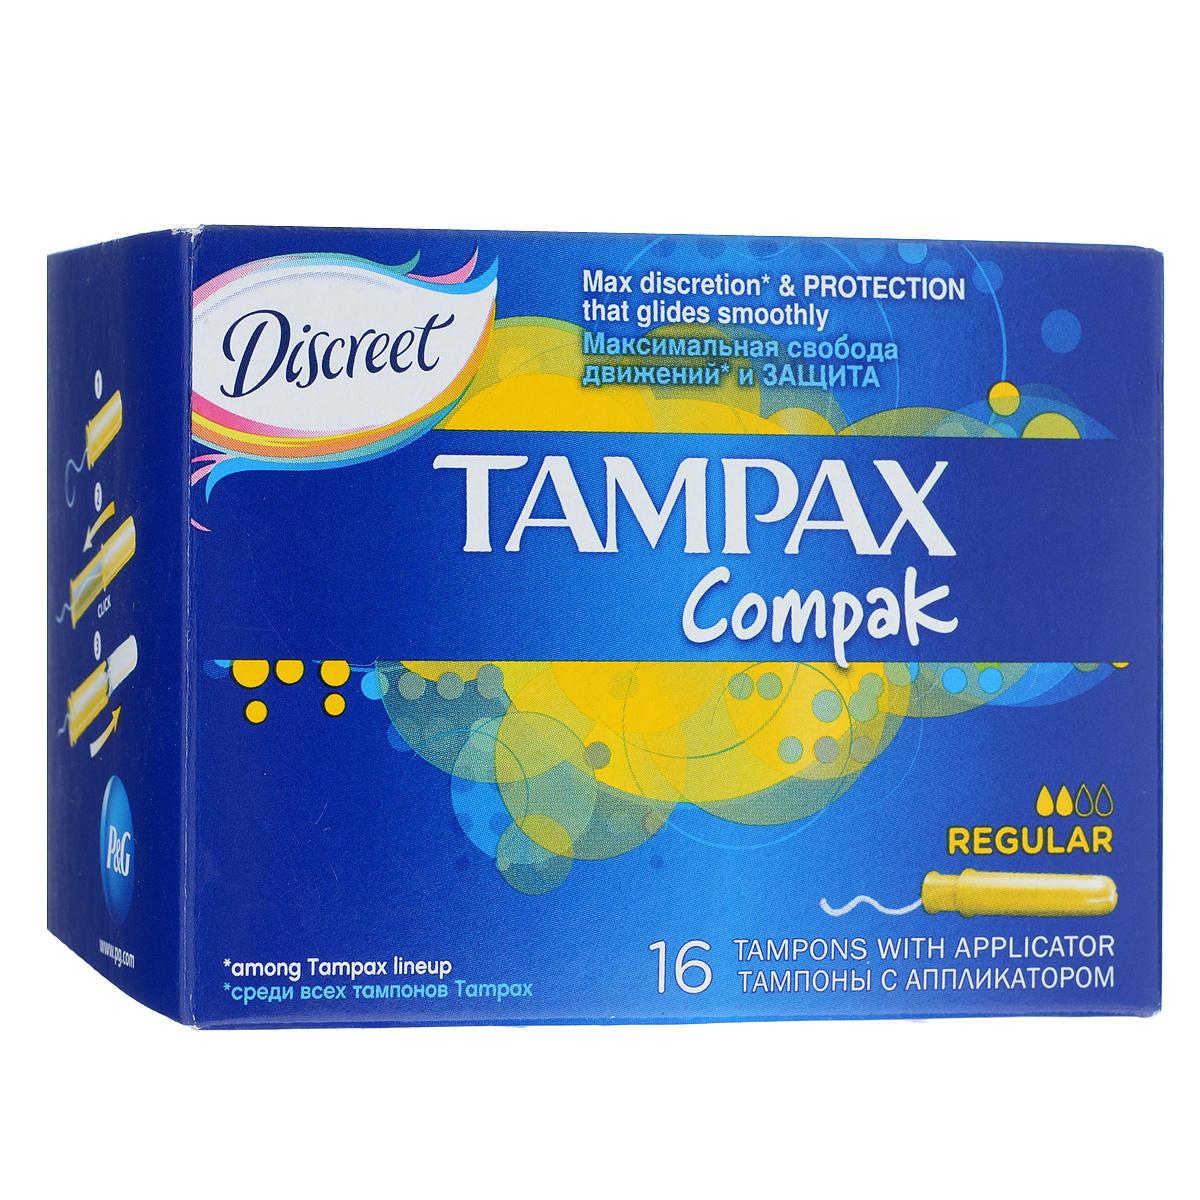 Тампоны гигиенические Tampax Compak Regular, с аппликатором, 16 штTM-83714383Тампон - одно из самых удобных, практичных и гигиеничных средств защиты во время критических дней. Тампоны Tampax Compak Regular предназначены для скудных и умеренных выделений, снабжены цветной гладкой аппликаторной трубочкой, которая значительно облегчает введение тампона во влагалище и правильное его размещение, а также исключает прикосновение к нему руками. Тампоны для интимной гигиены женщин Tampax изготавливаются из смеси специально обработанного, отбеленного хлопкового волокна и вискозы, которая спрессовывается в цилиндрик. Каждый тампон упакован в индивидуальную упаковку. Все материалы, используемые в производстве женских гигиенических тампонов Tampax, безопасны для здоровья женщины, натуральны, хорошо утилизируются, не нанося вред окружающей среде. Сырье и готовая продукция подвергаются бактериологическому контролю в лаборатории страны- производителя. Впитываемость: 6-9 г. Товар сертифицирован.